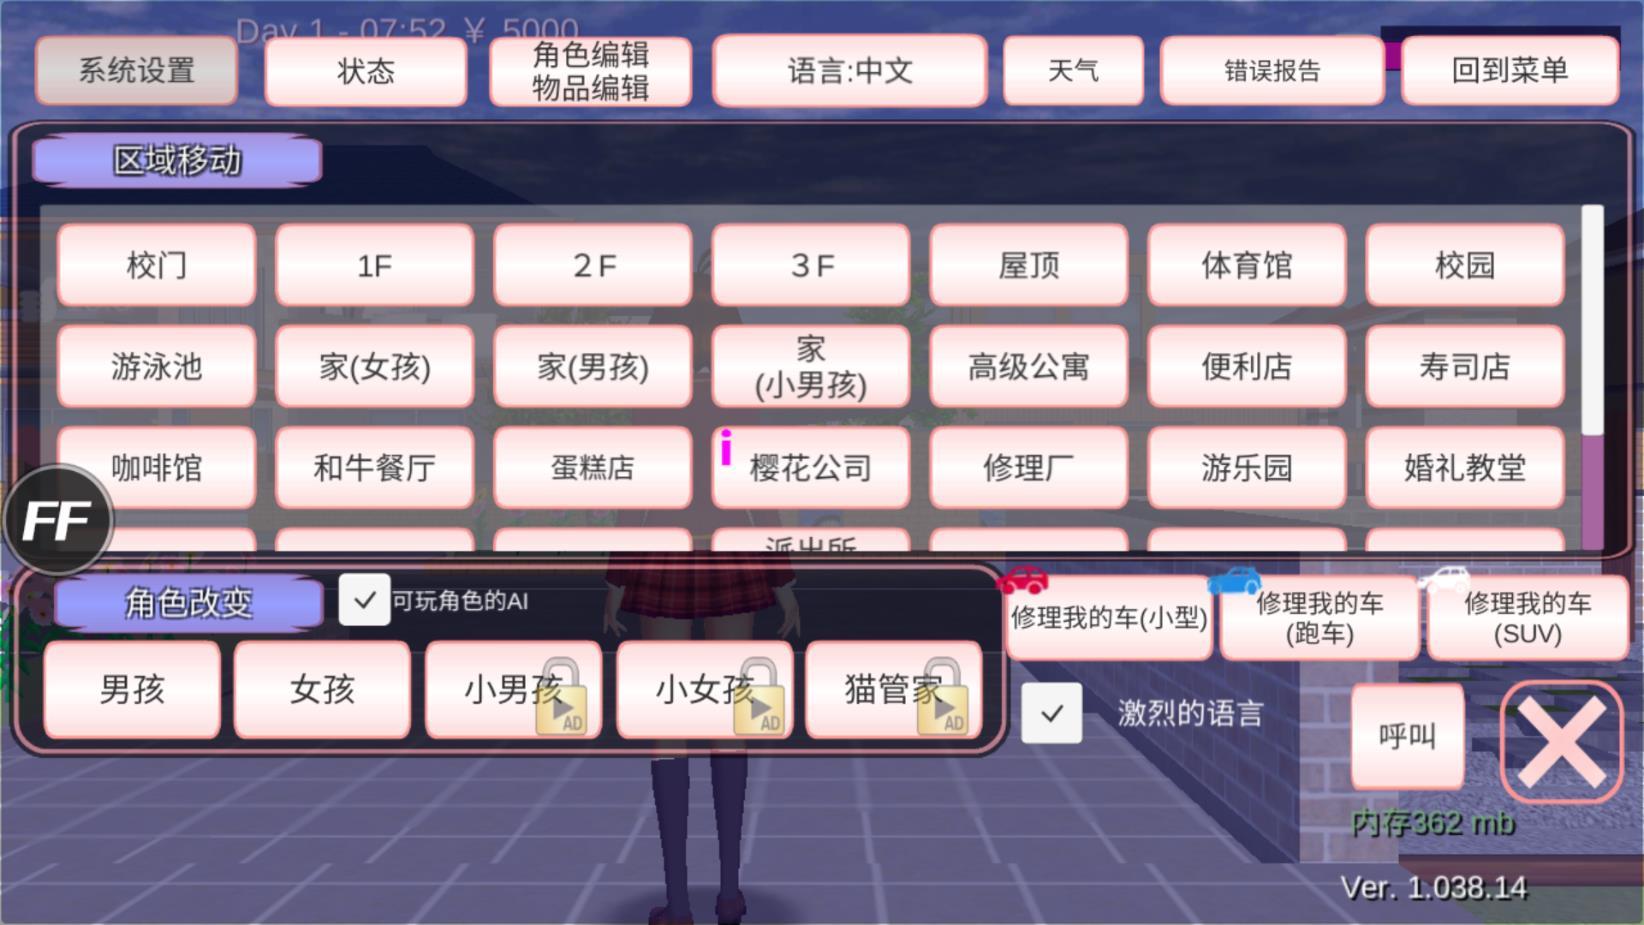 樱花校园模拟器1.038.14中文破解版(1)